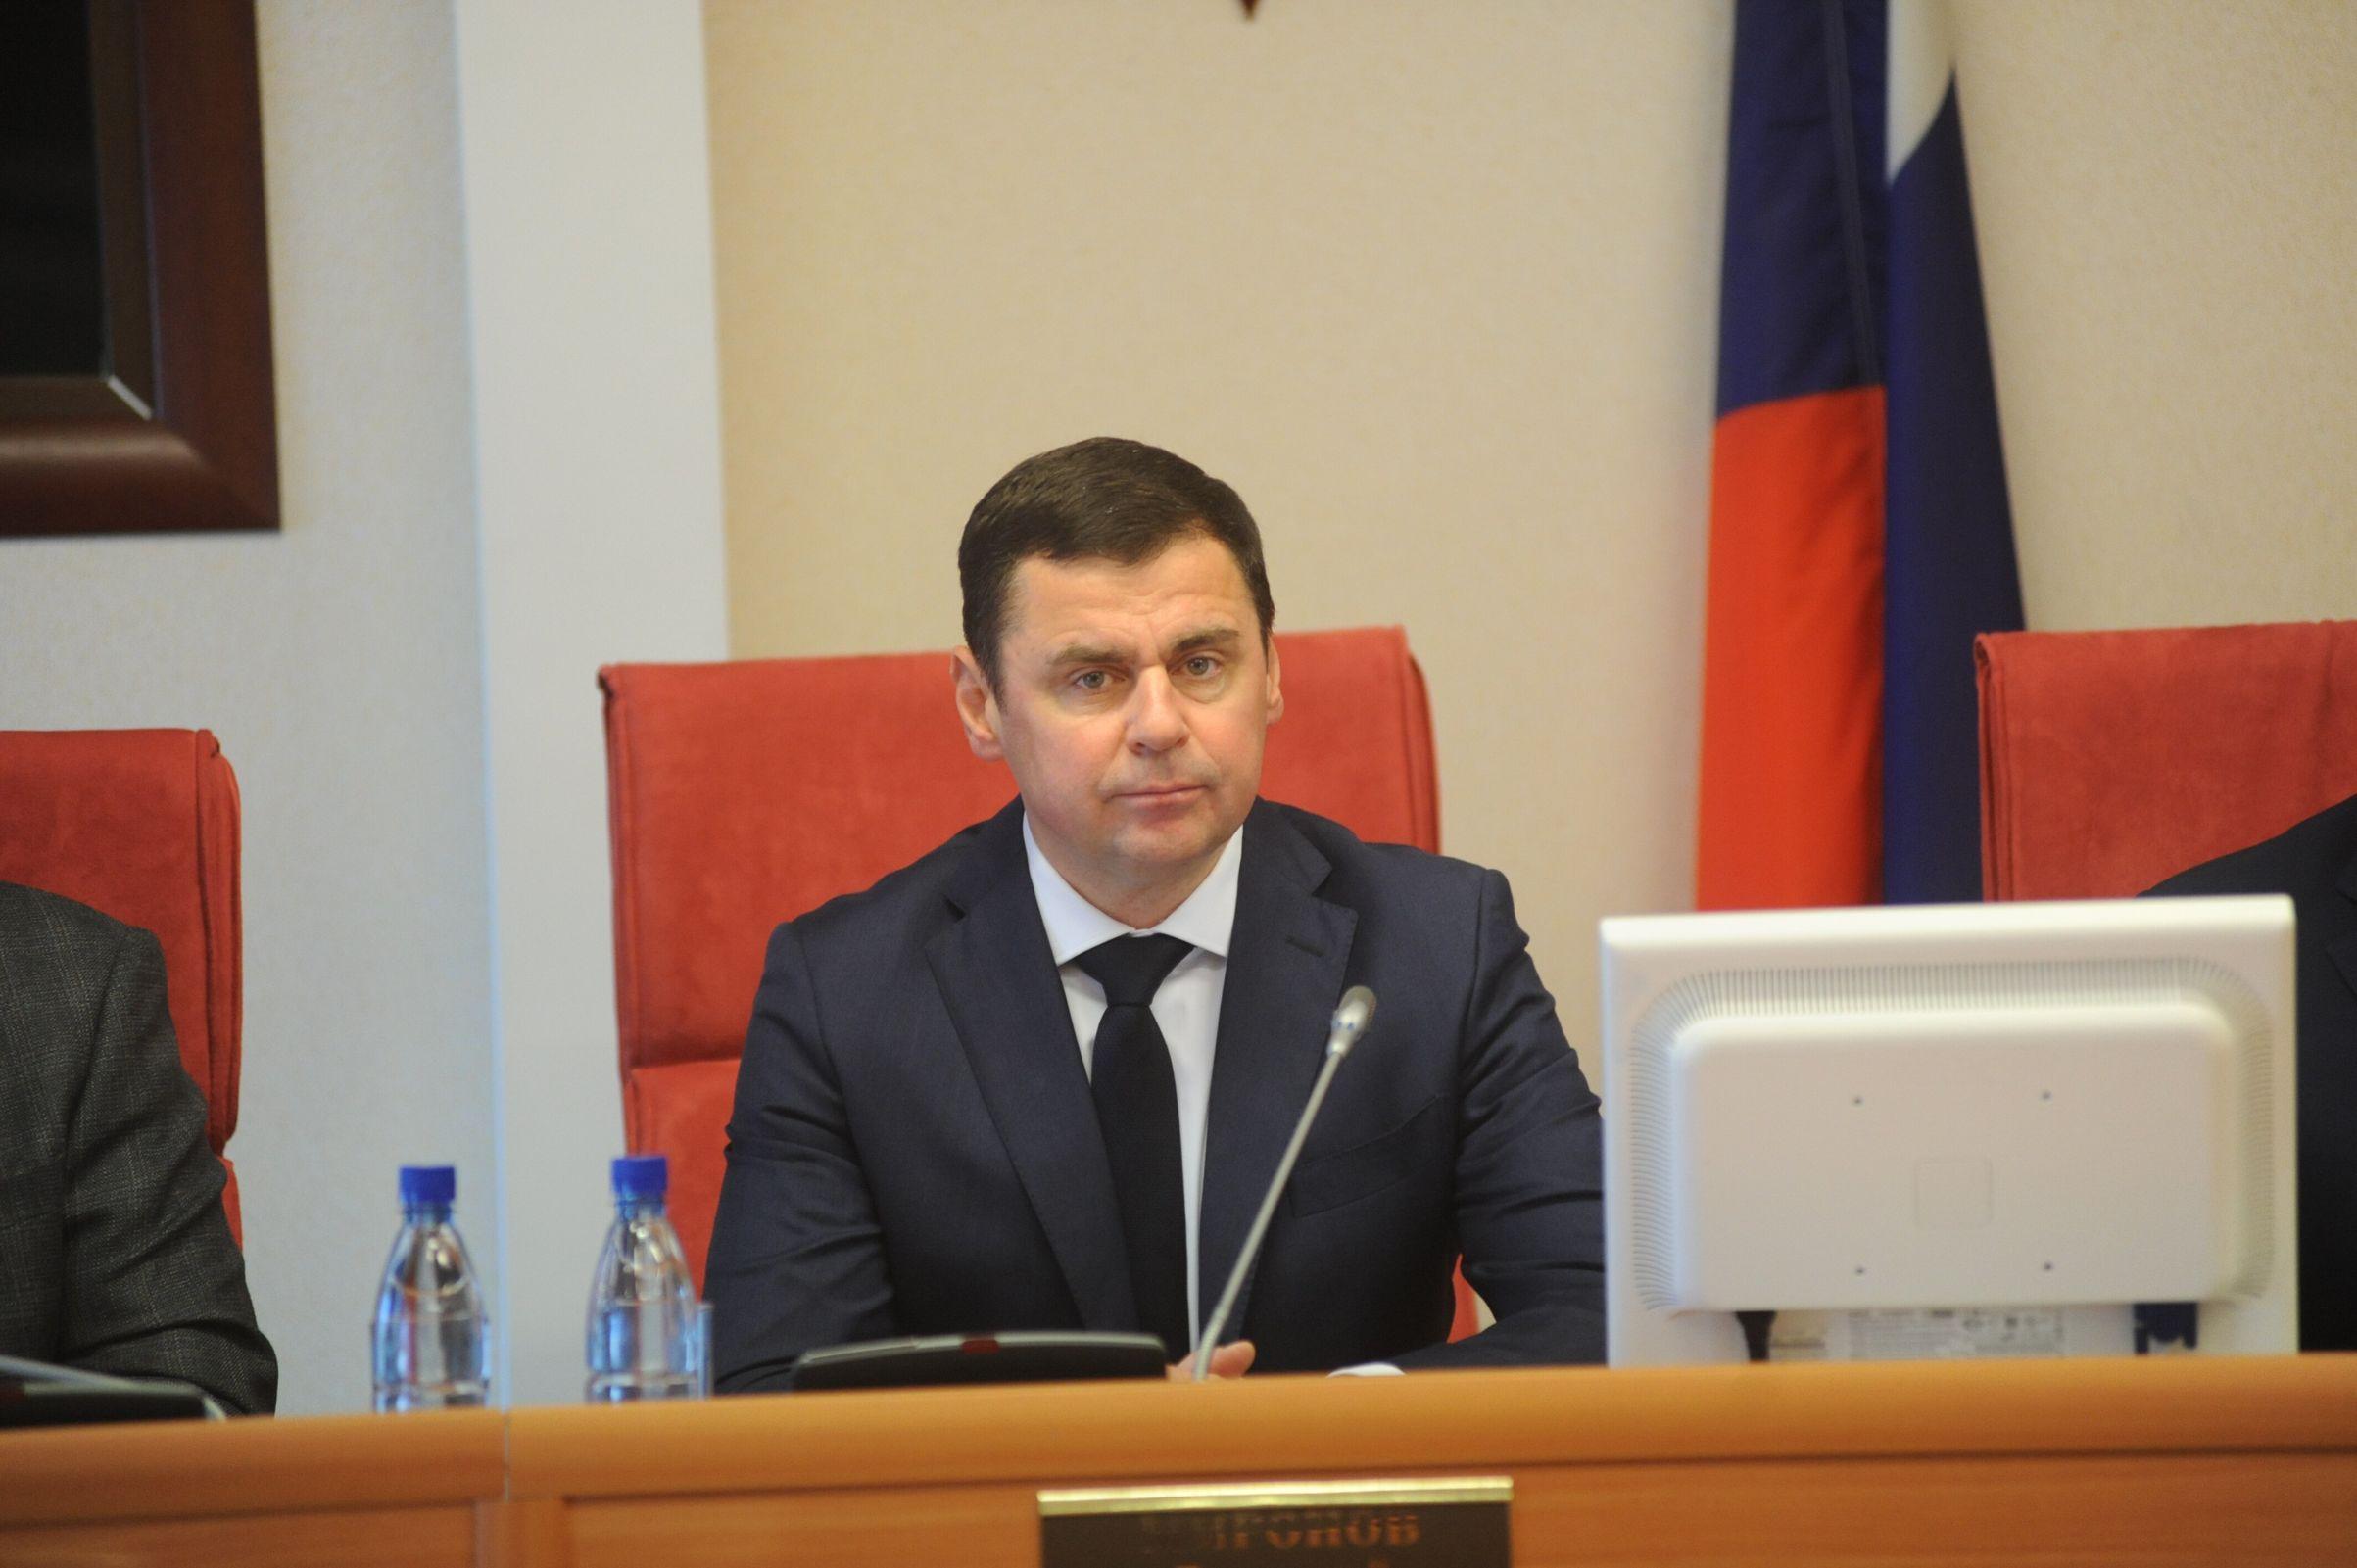 Дмитрий Миронов представил депутатам отчет о работе регионального правительства за 2018 год